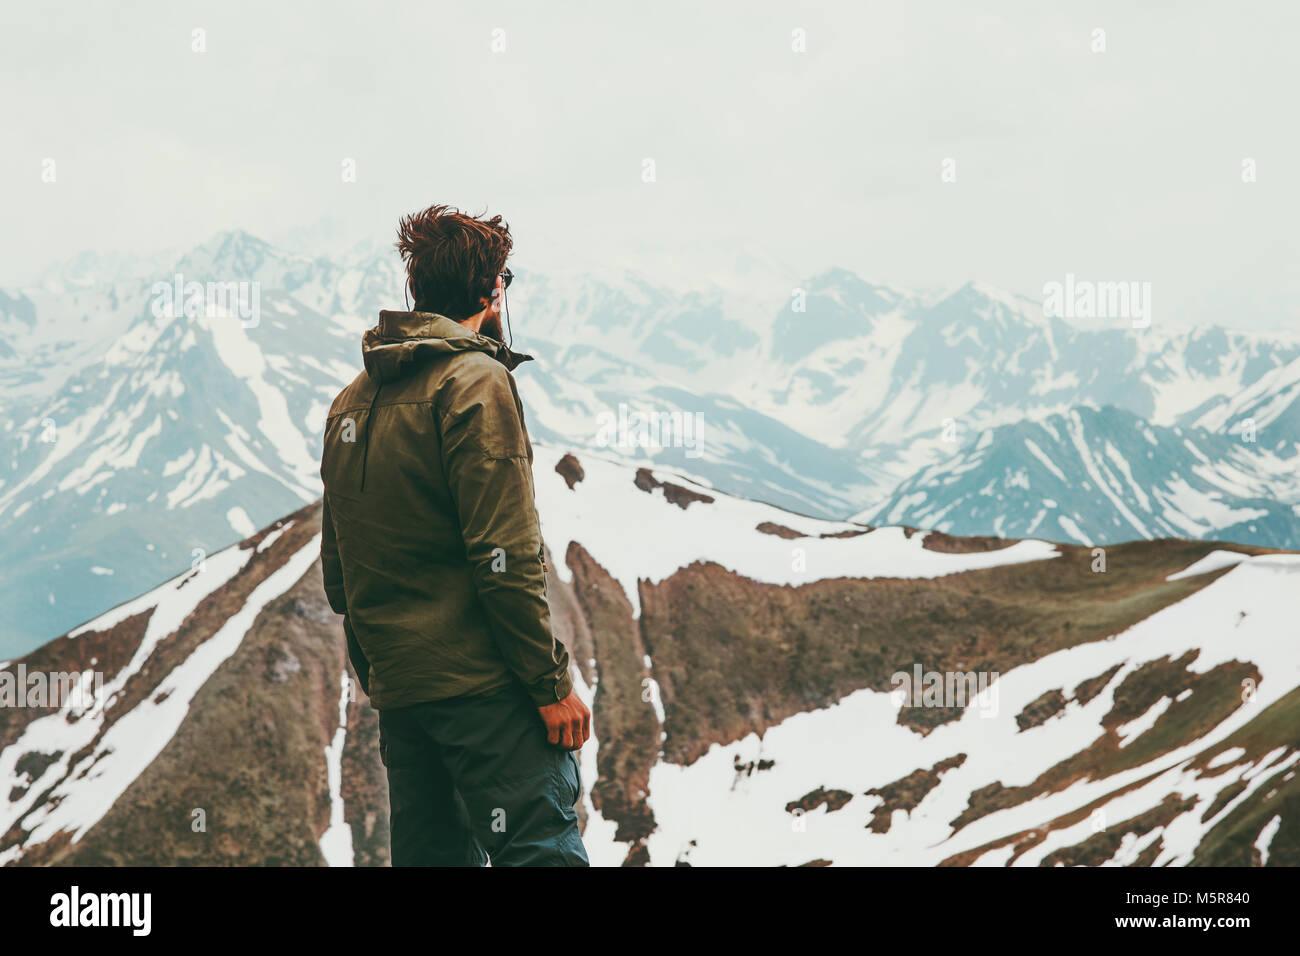 L'homme seul voyageur voyage paysage montagnes dérive de la notion de style de vie actif en plein air aventure Photo Stock